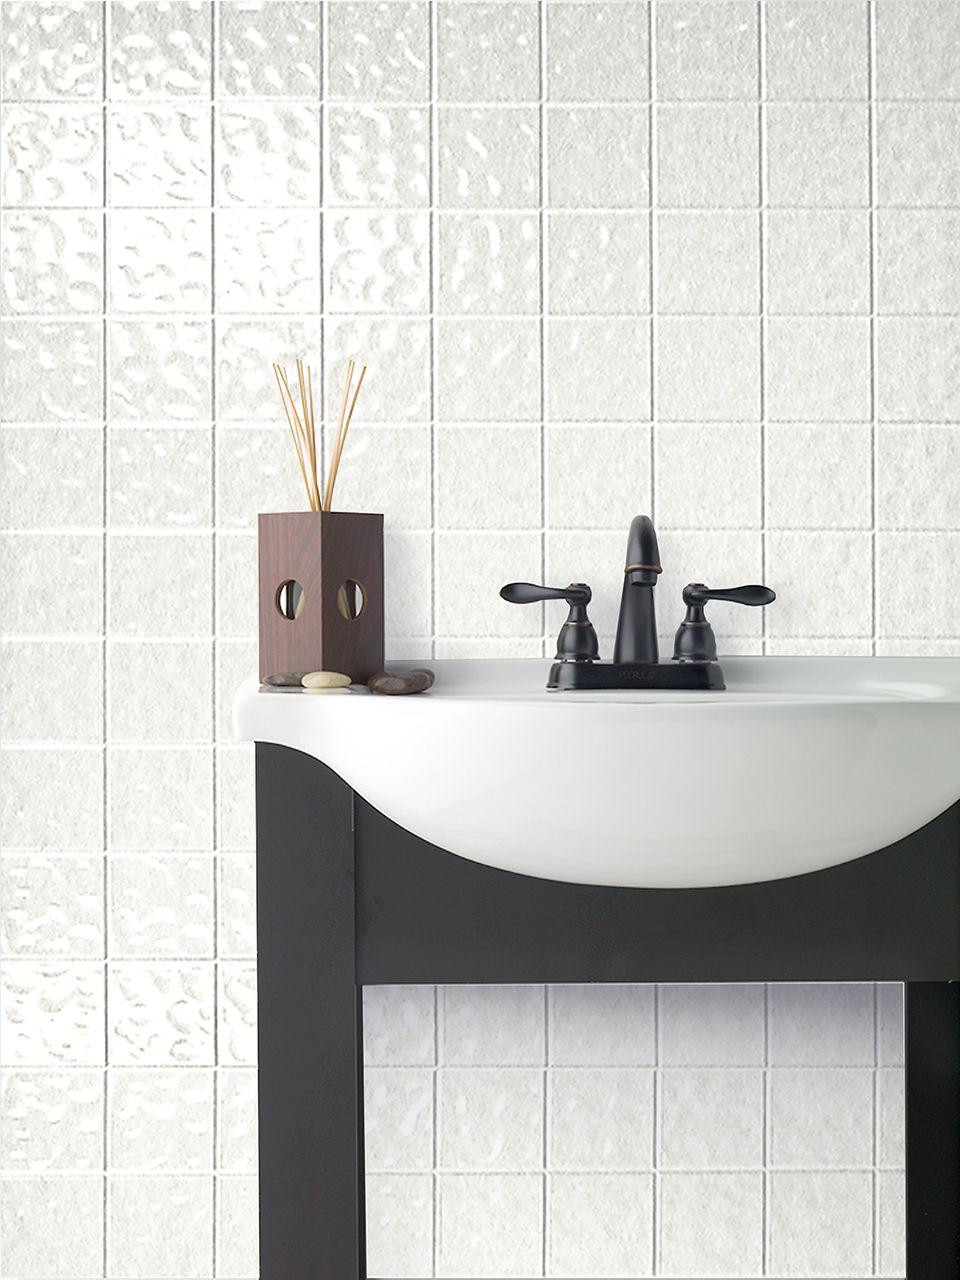 toned white tile board decorative